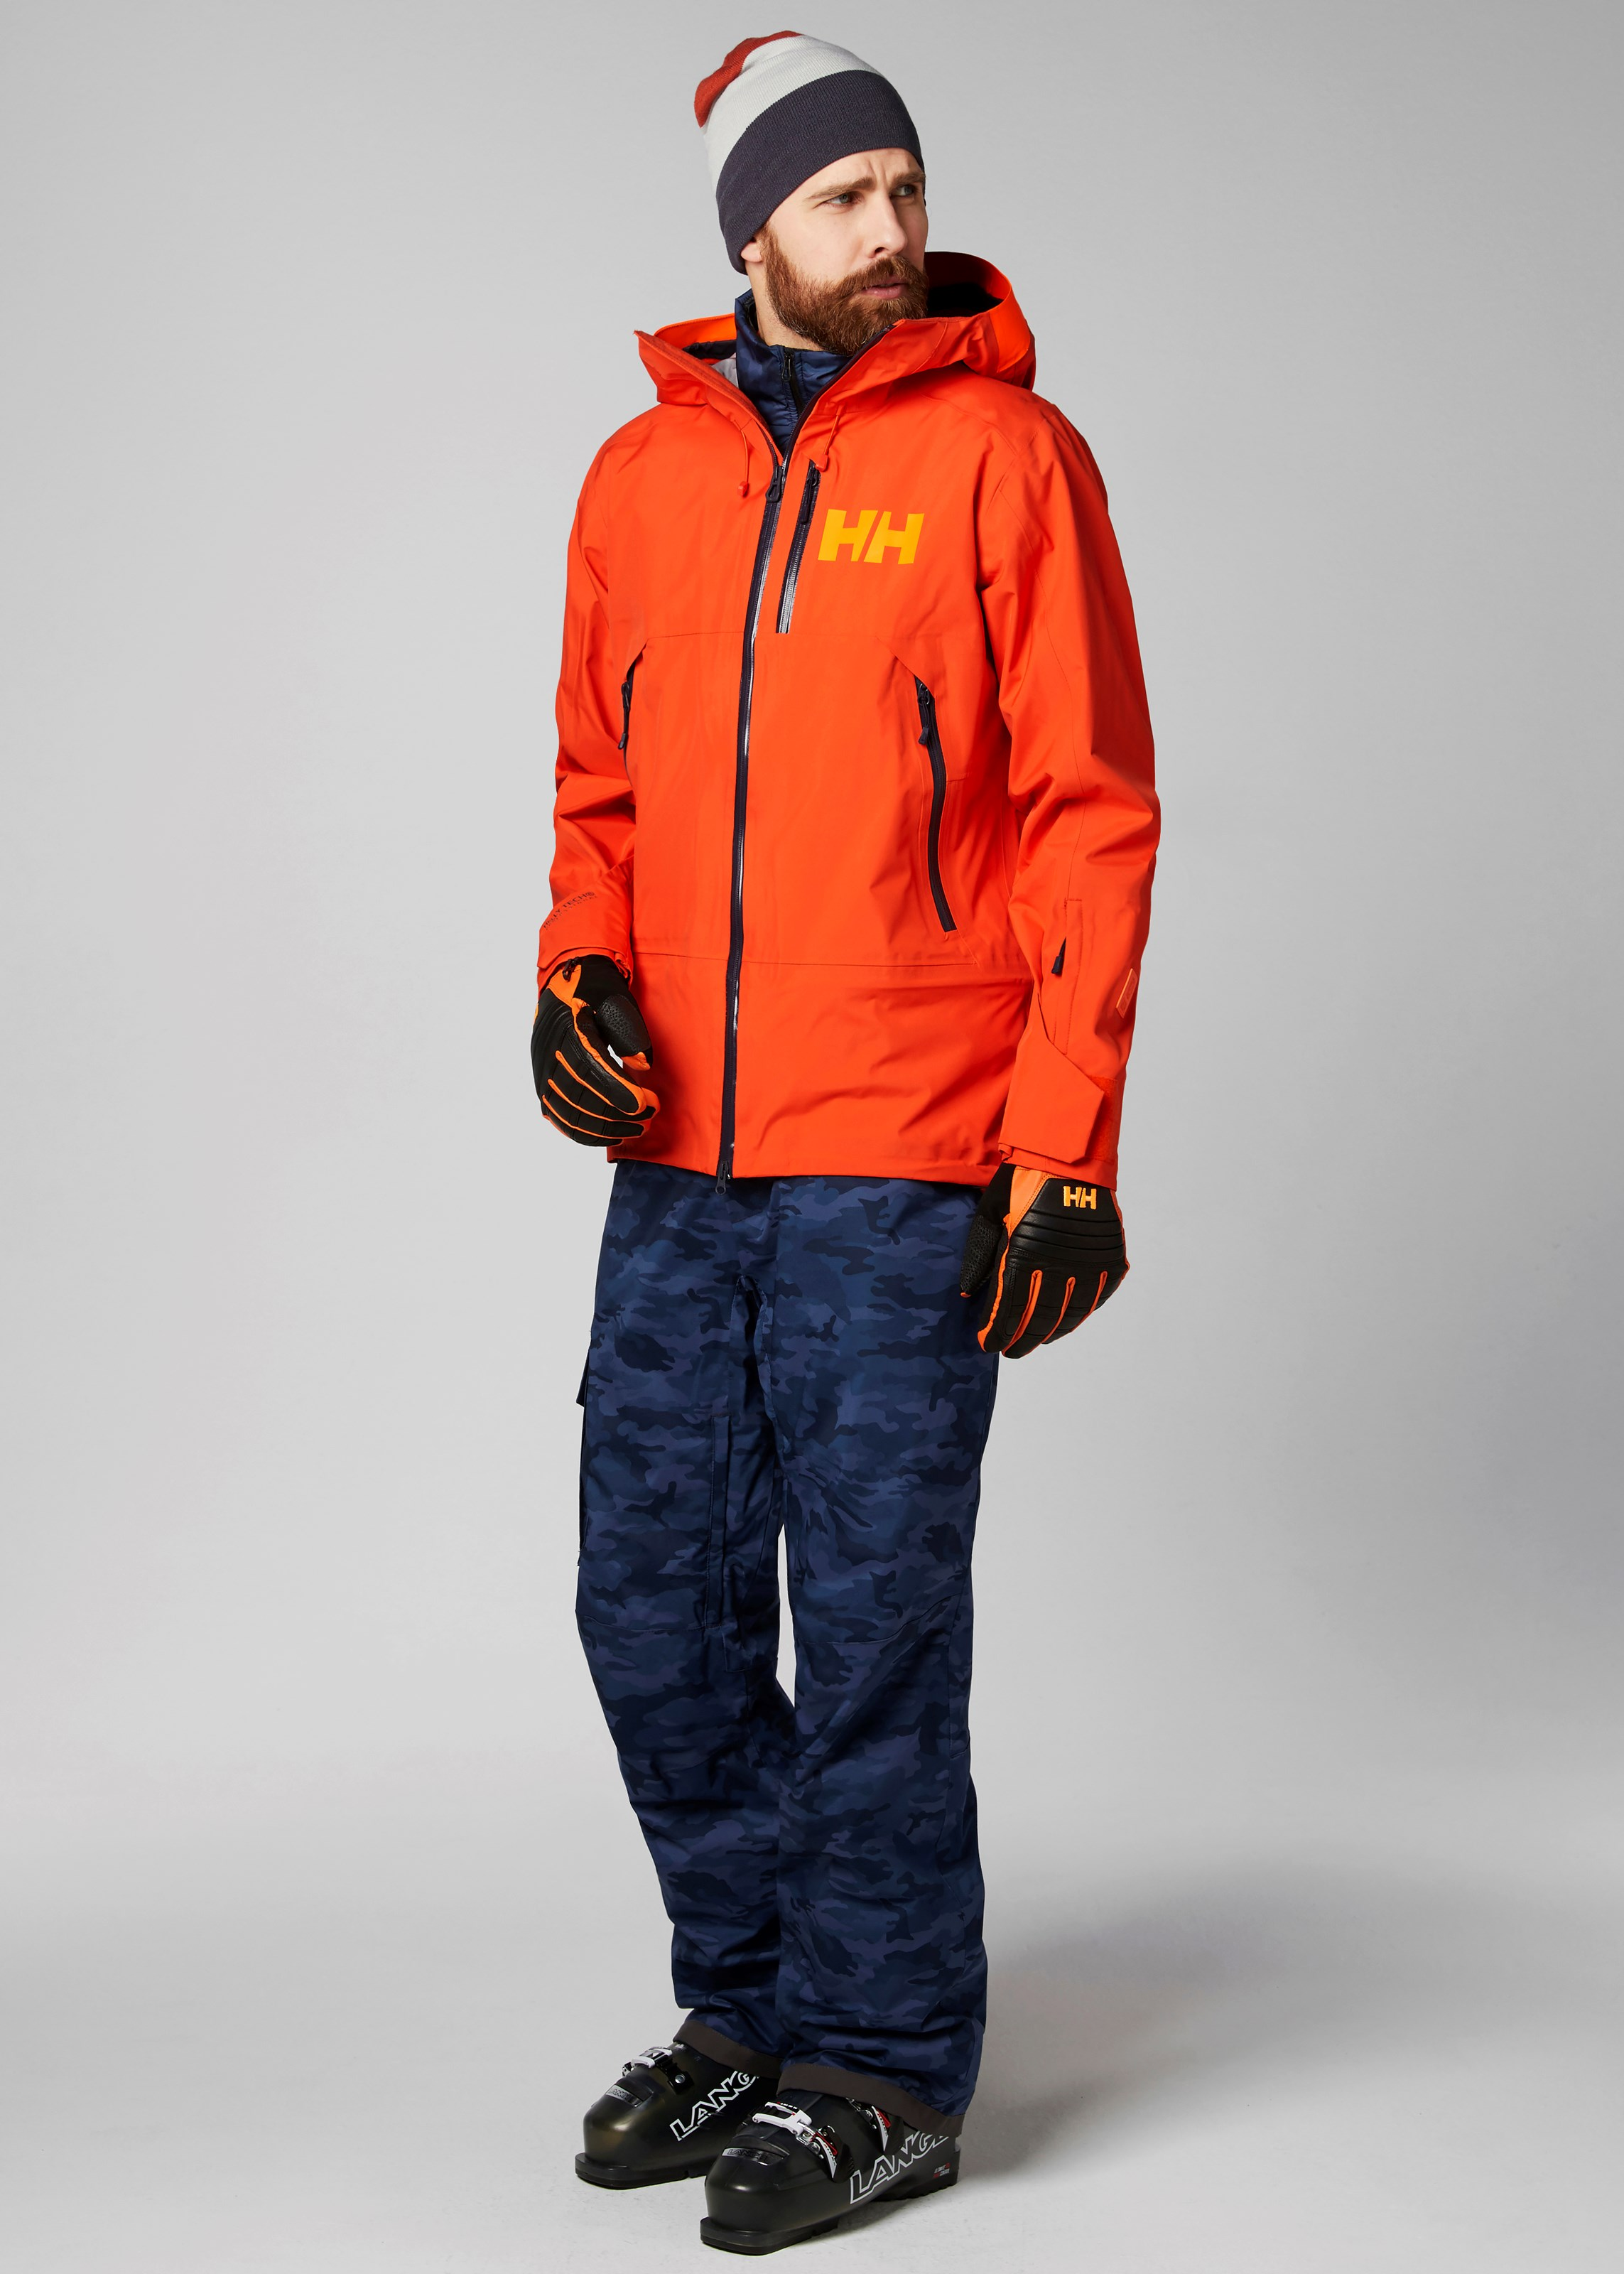 Braasport Helly Hansen Sogn Shell Jacket, skijakke herre